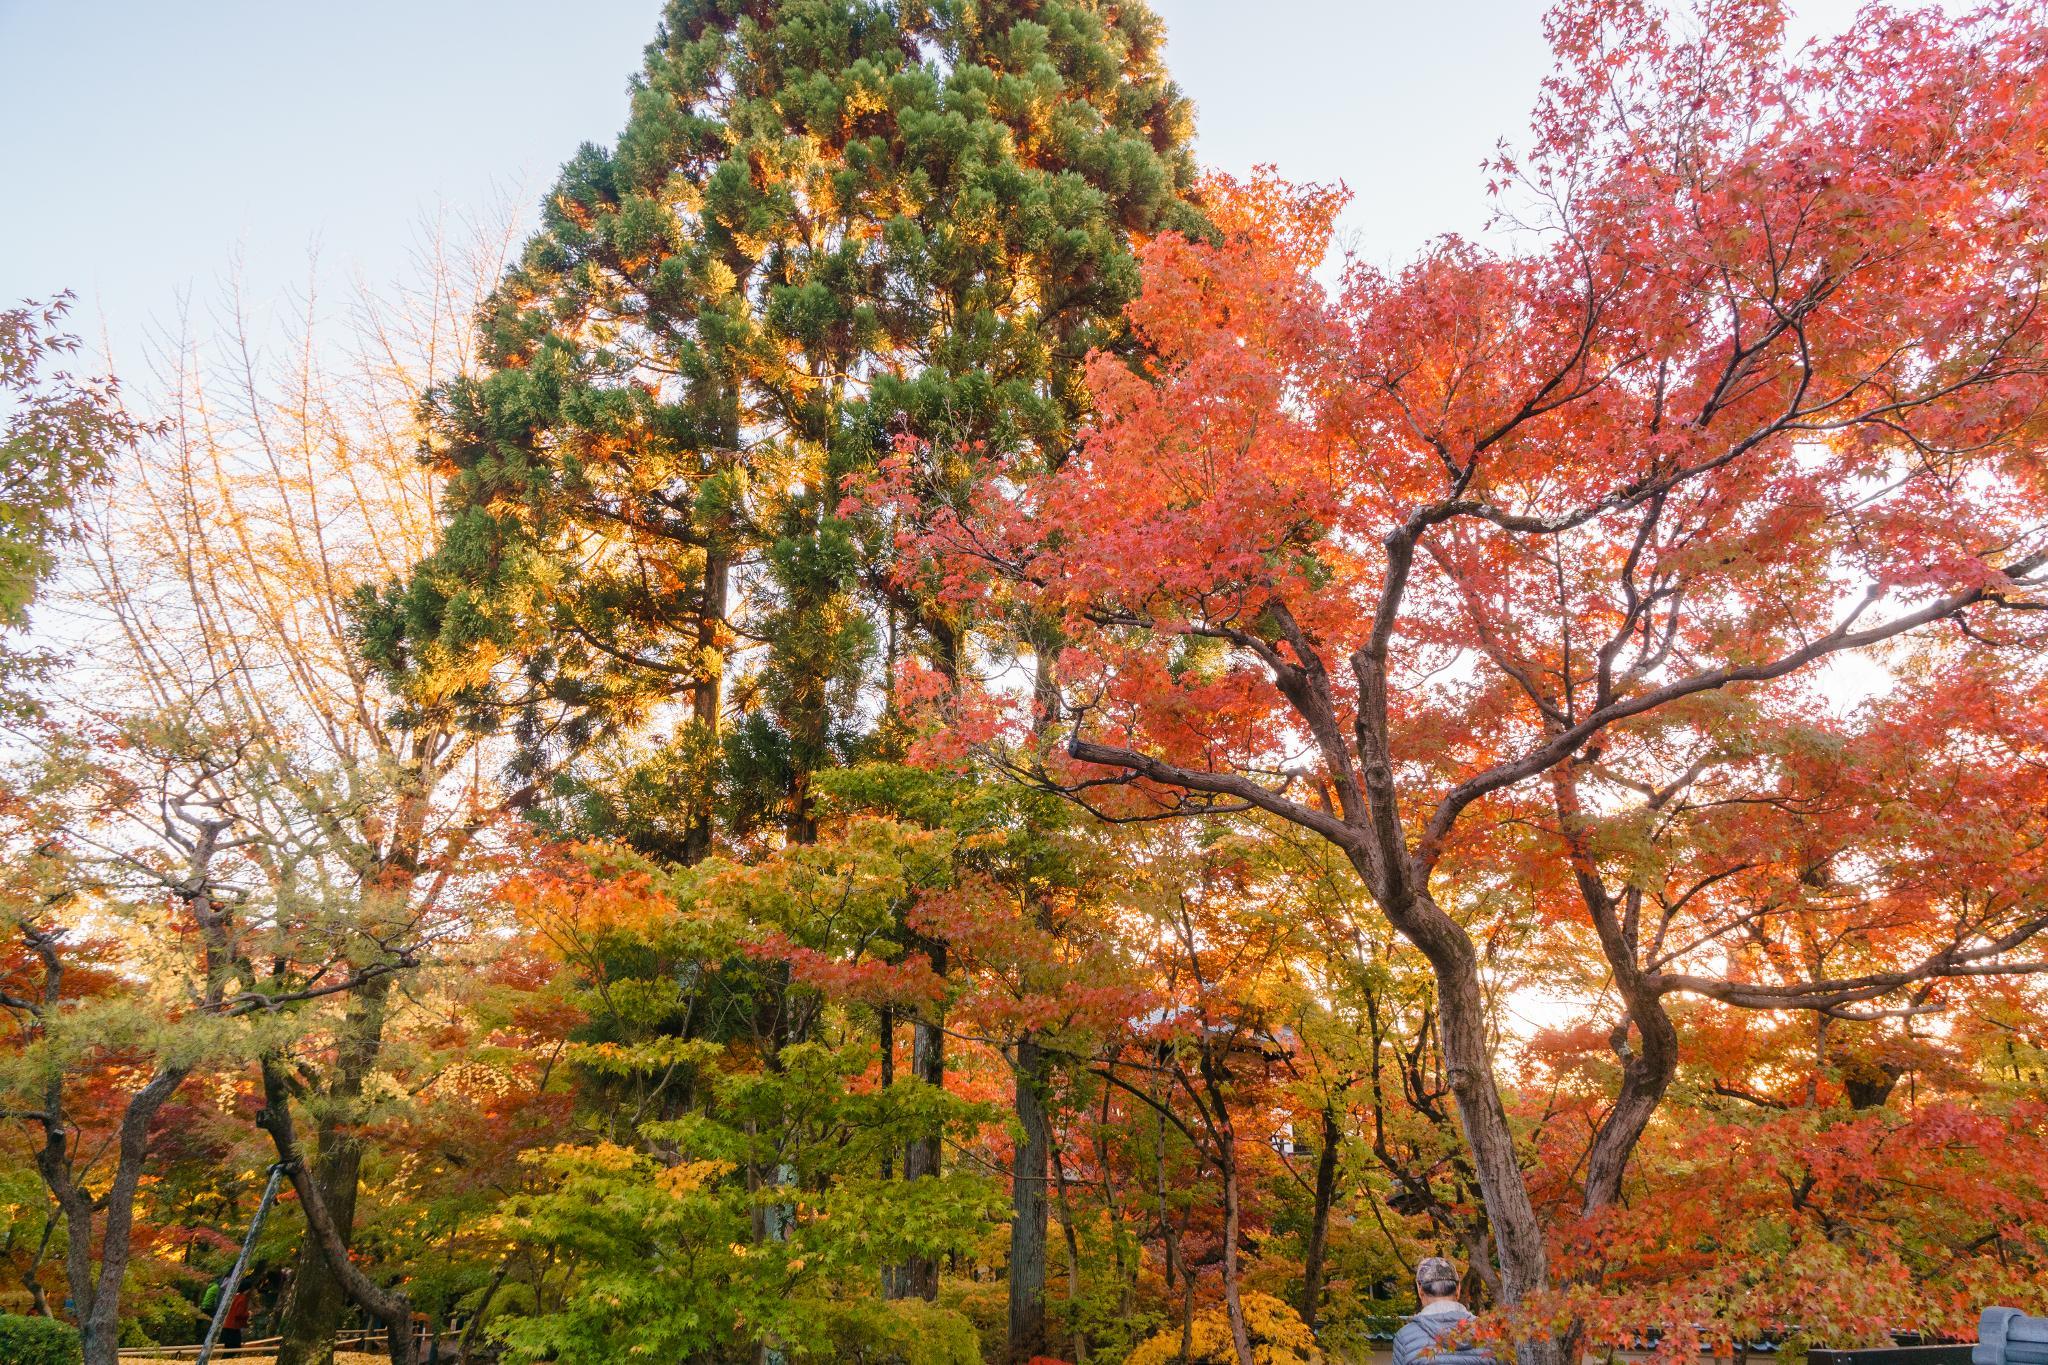 【京都】此生必來的紅葉狩絕景 - 永觀堂夜楓 105